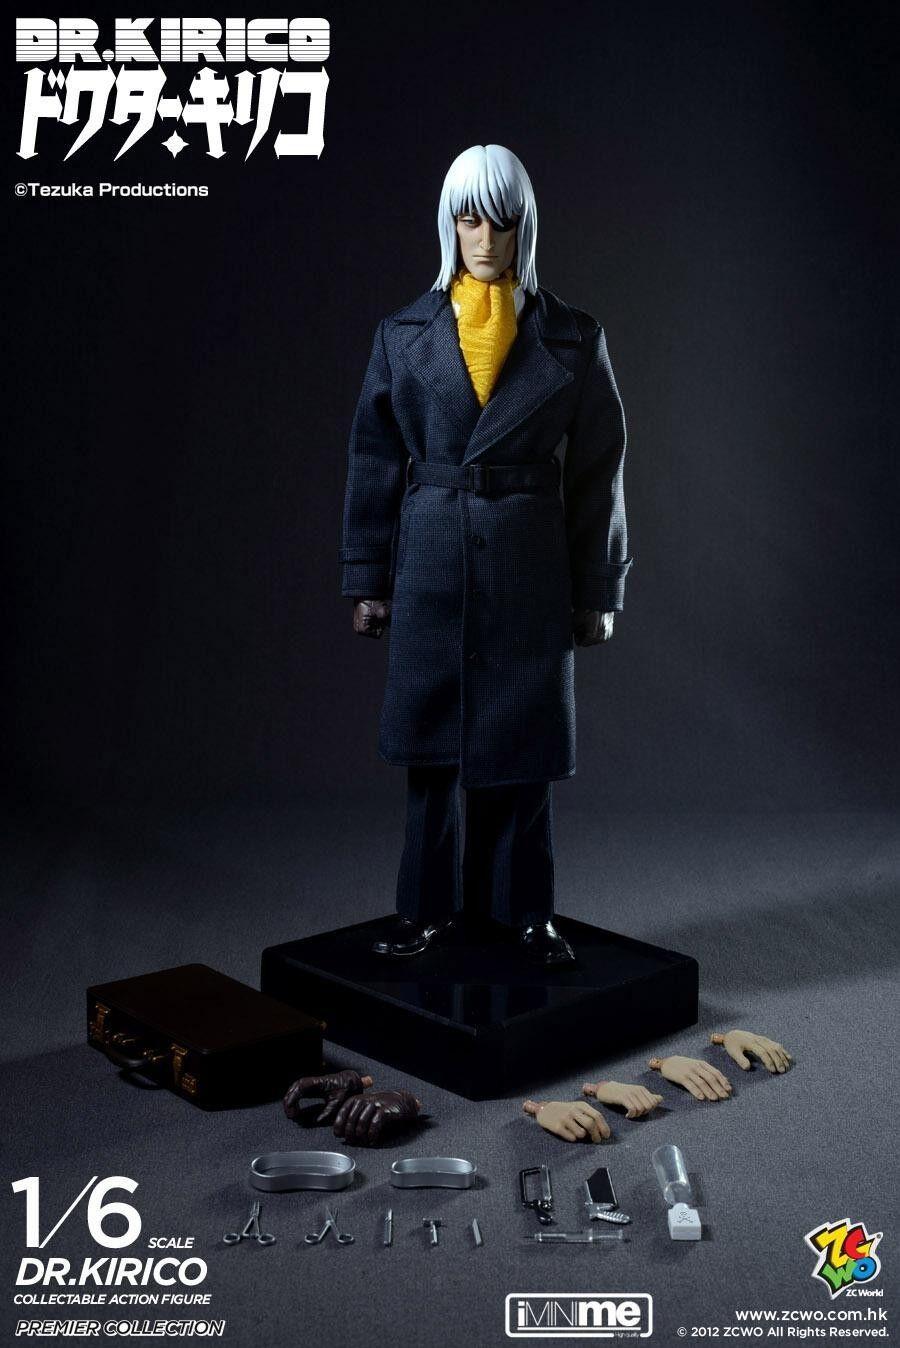 1 6 Scale Action Figure ZCWO Box Set Dr.Kirico Box Set